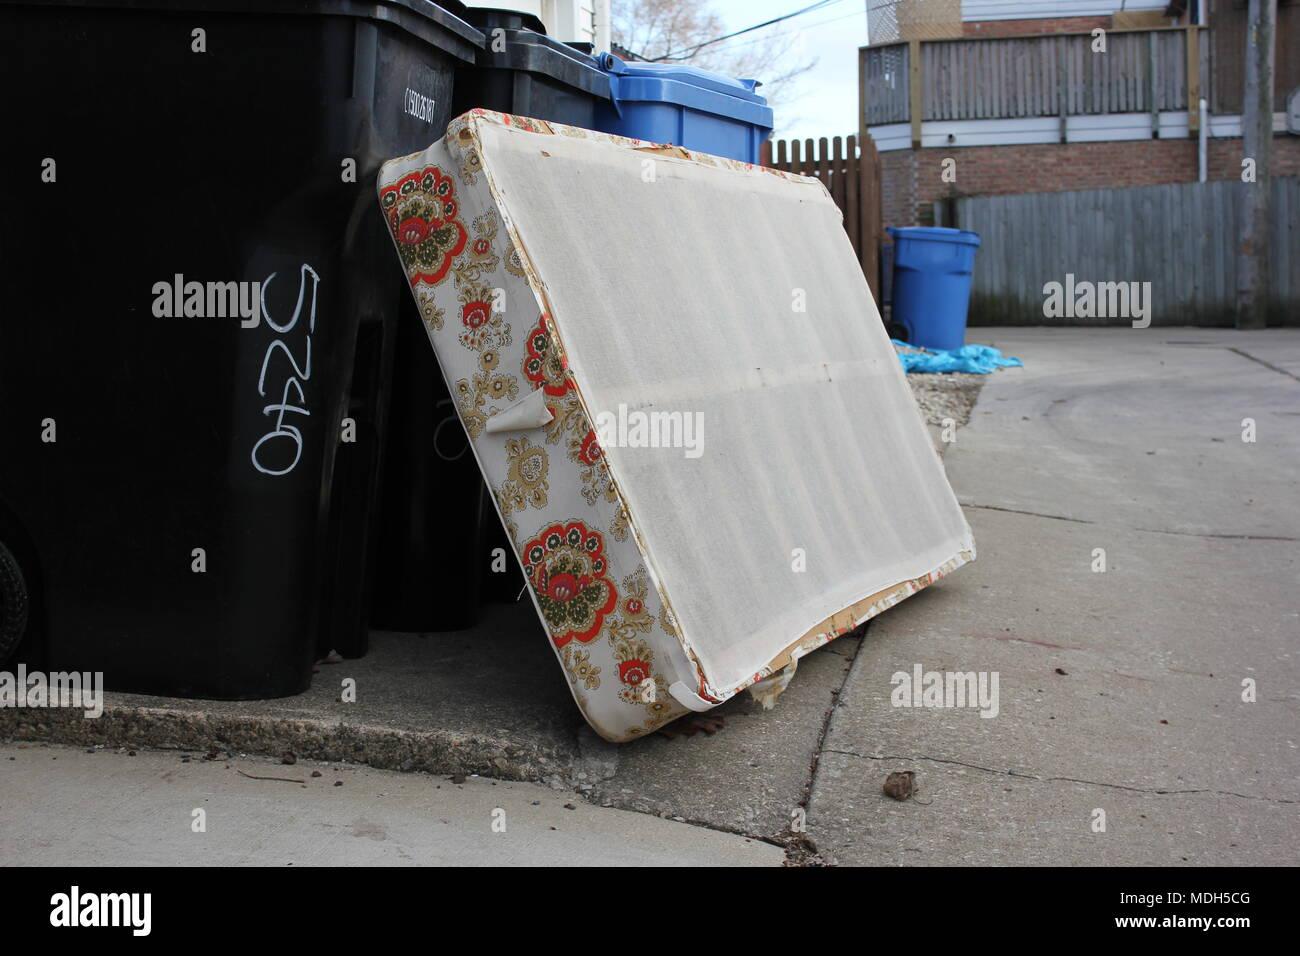 Utilizzate la casella materasso appoggiato contro la garbage lattine pronti per il ritiro di rifiuti al giorno. Immagini Stock